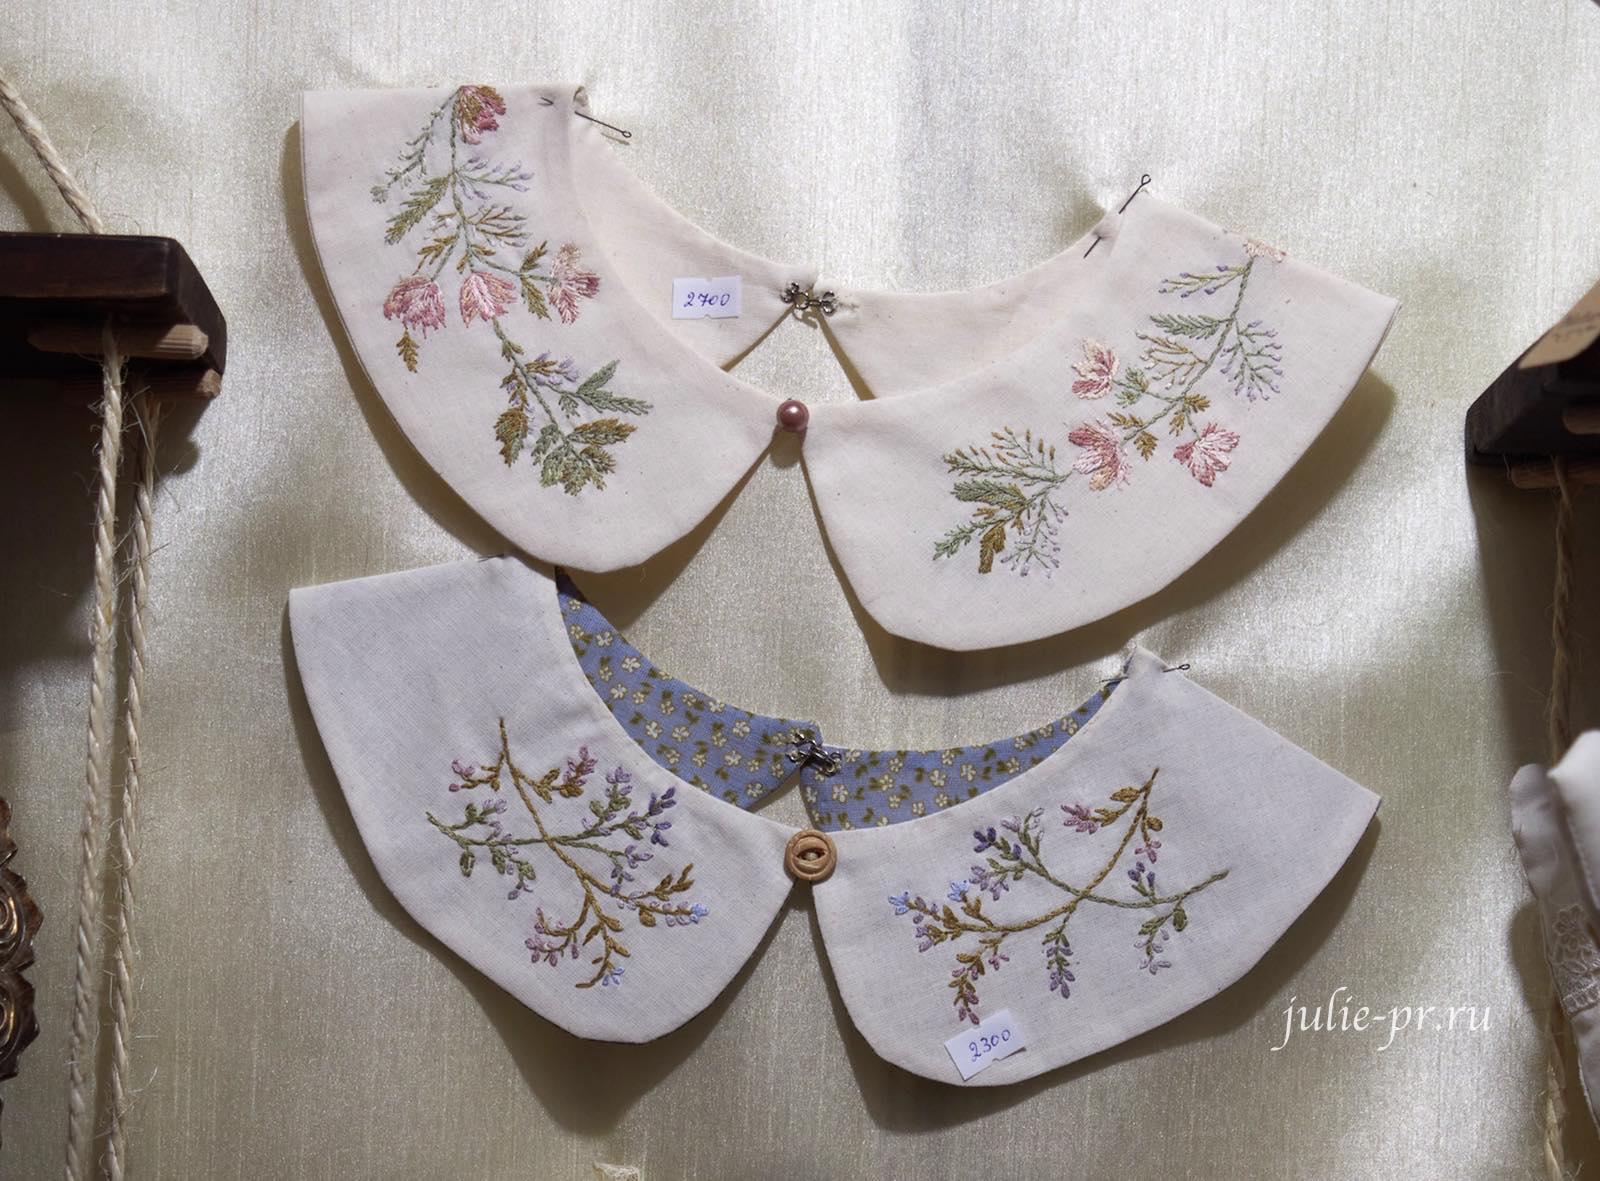 вышивка гладью, Елена Ермоленко, выставка вышивки, Формула рукоделия весна 2021